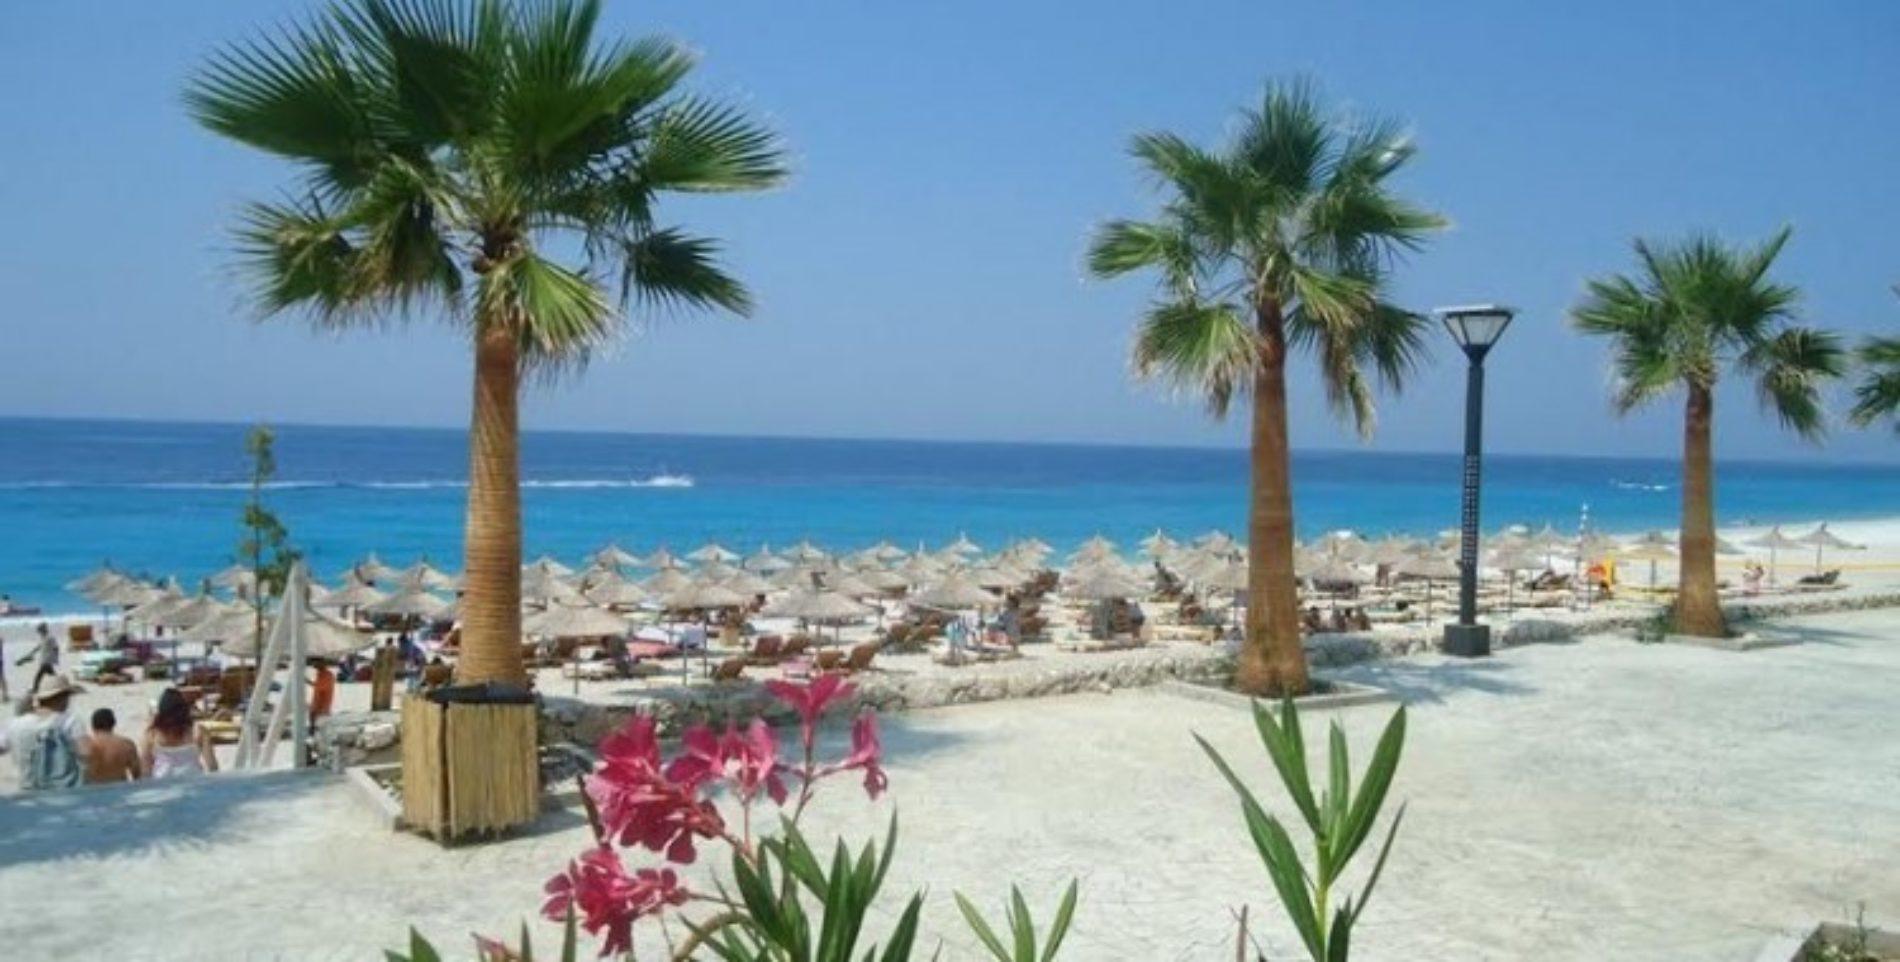 Albanija postaje najpoželjnija turistička destinacija u Evropi (Foto)